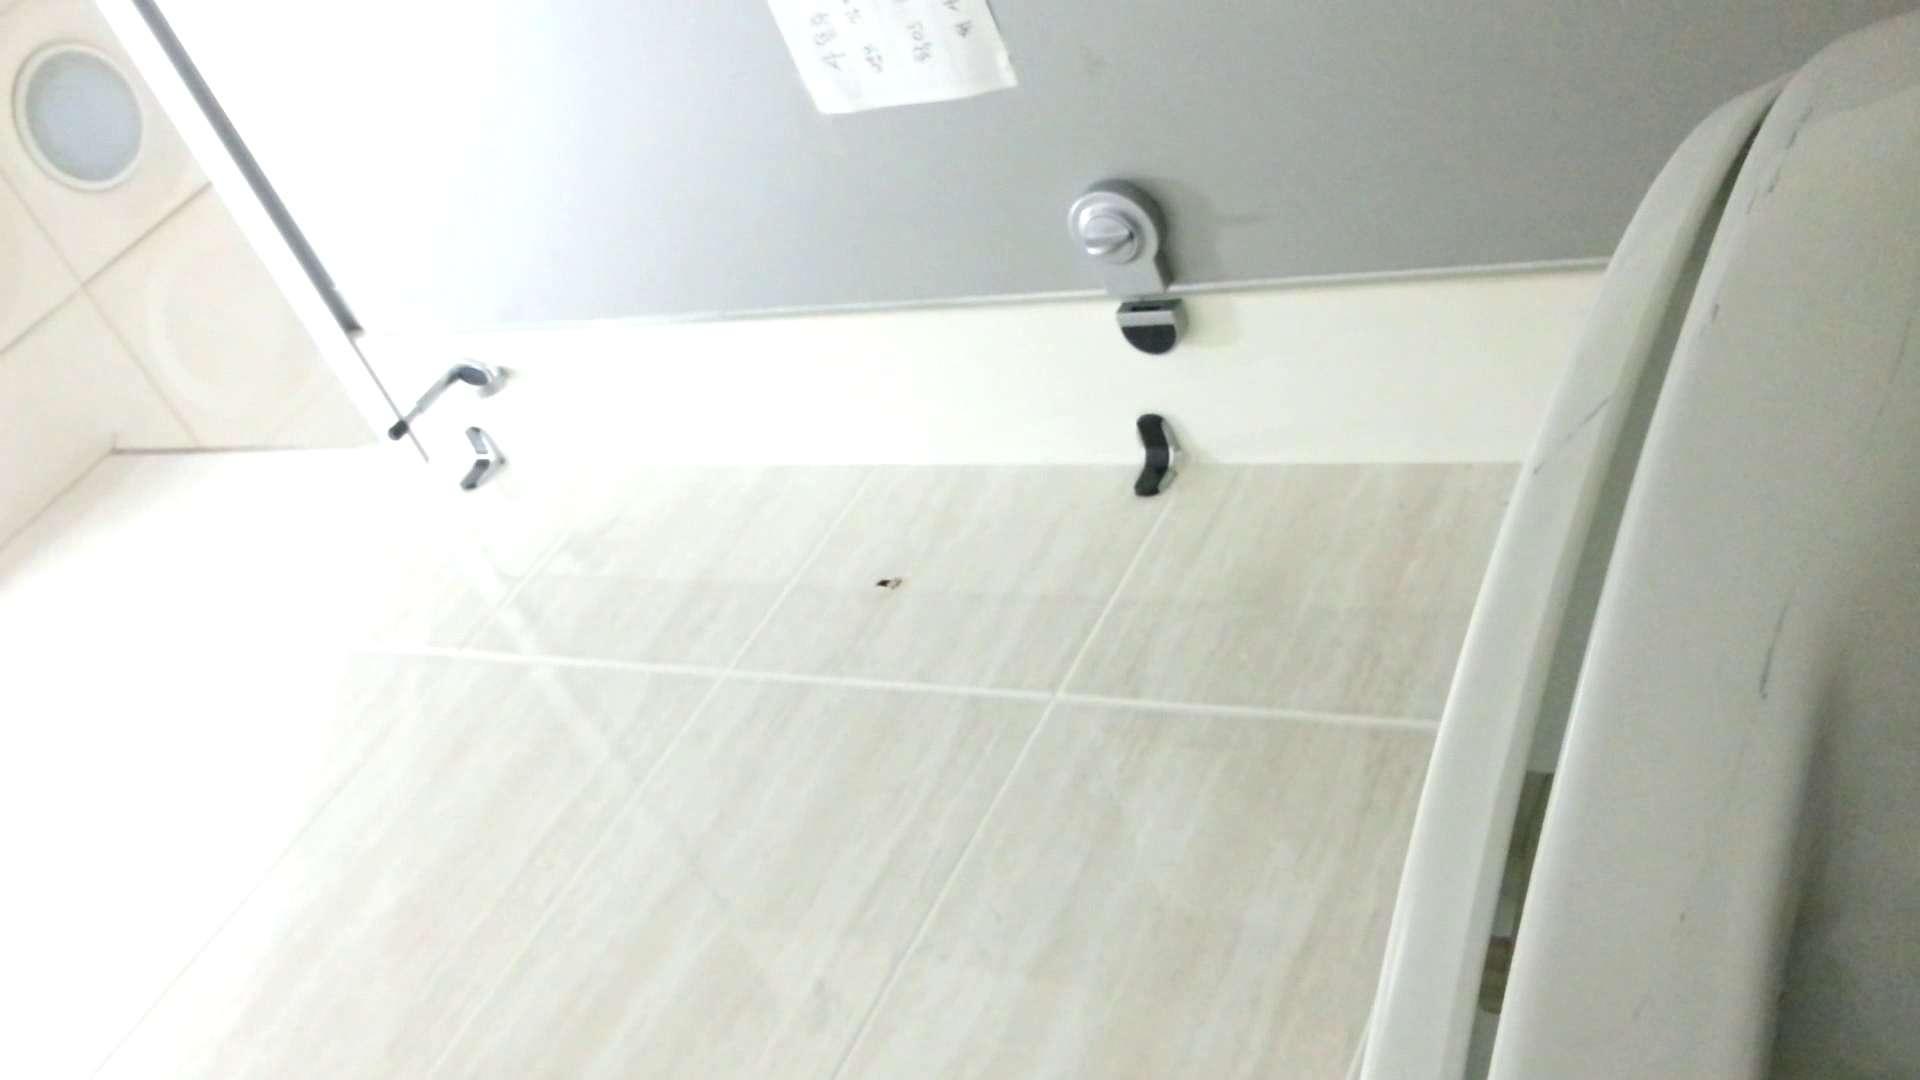 韓流トイレ盗撮vol.02 トイレ | 盗撮  67pic 30